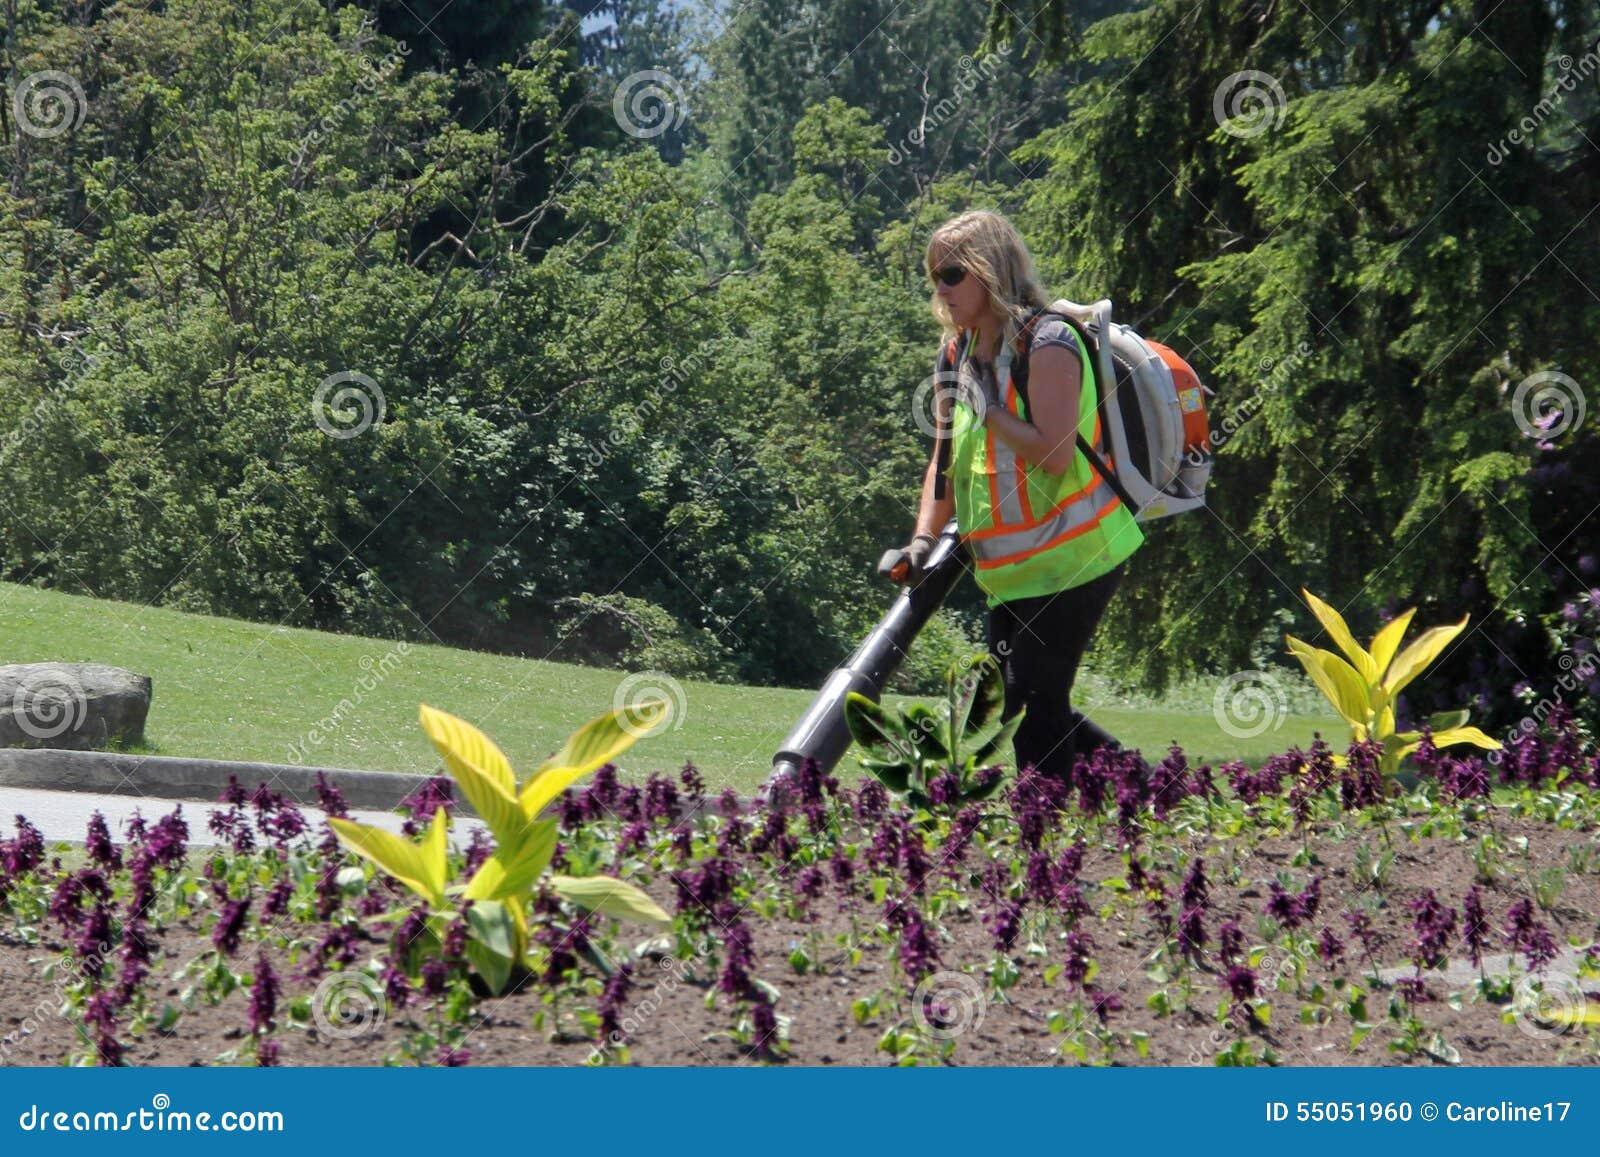 Landscaper Operating Leaf Blower Editorial Image Image